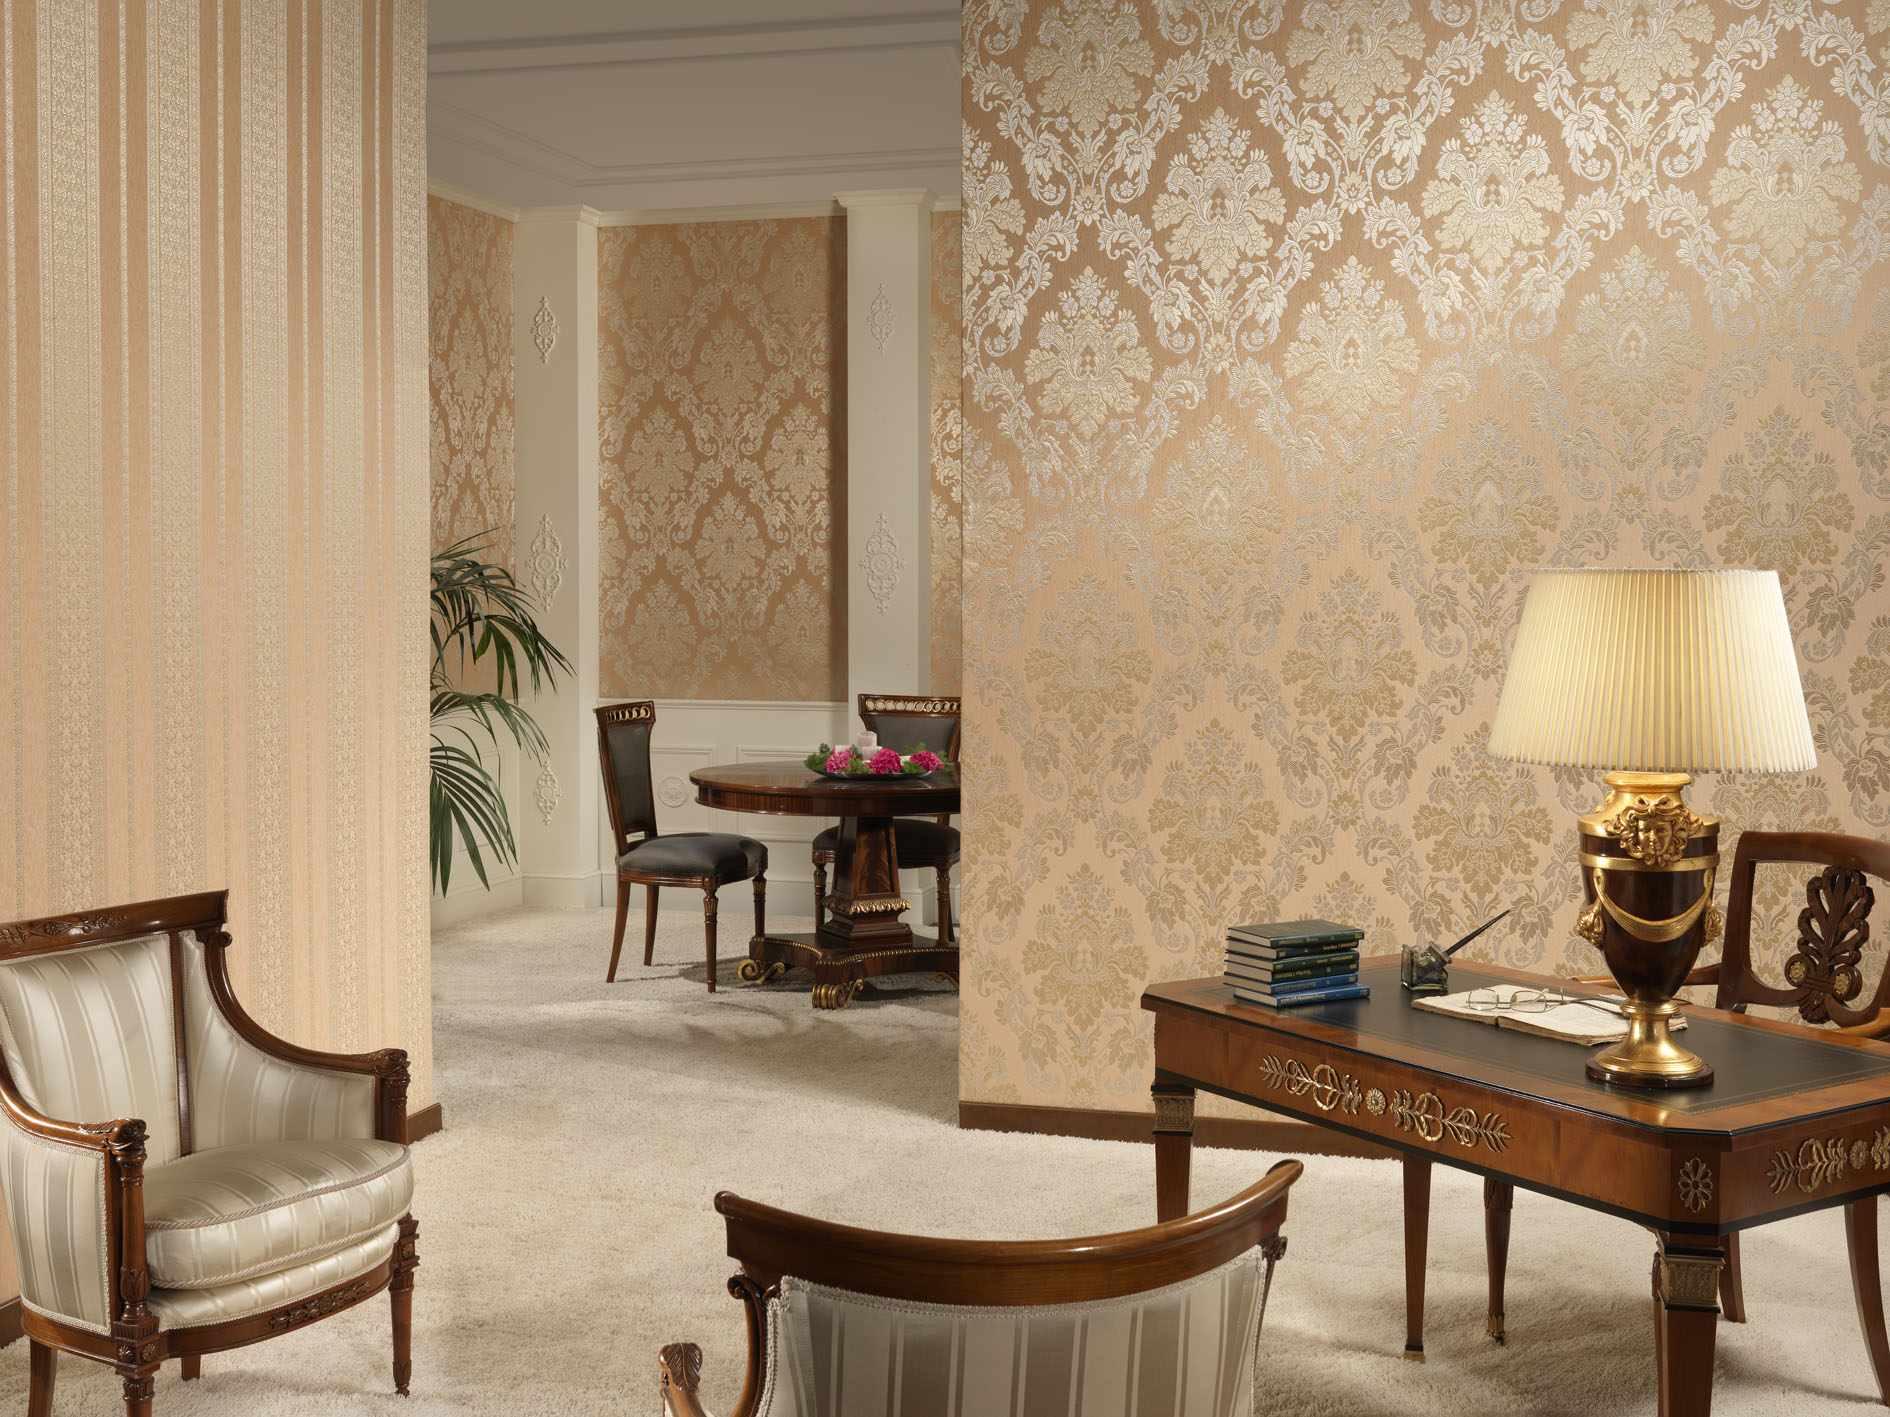 l'idée d'un beau décor de papier peint pour le salon